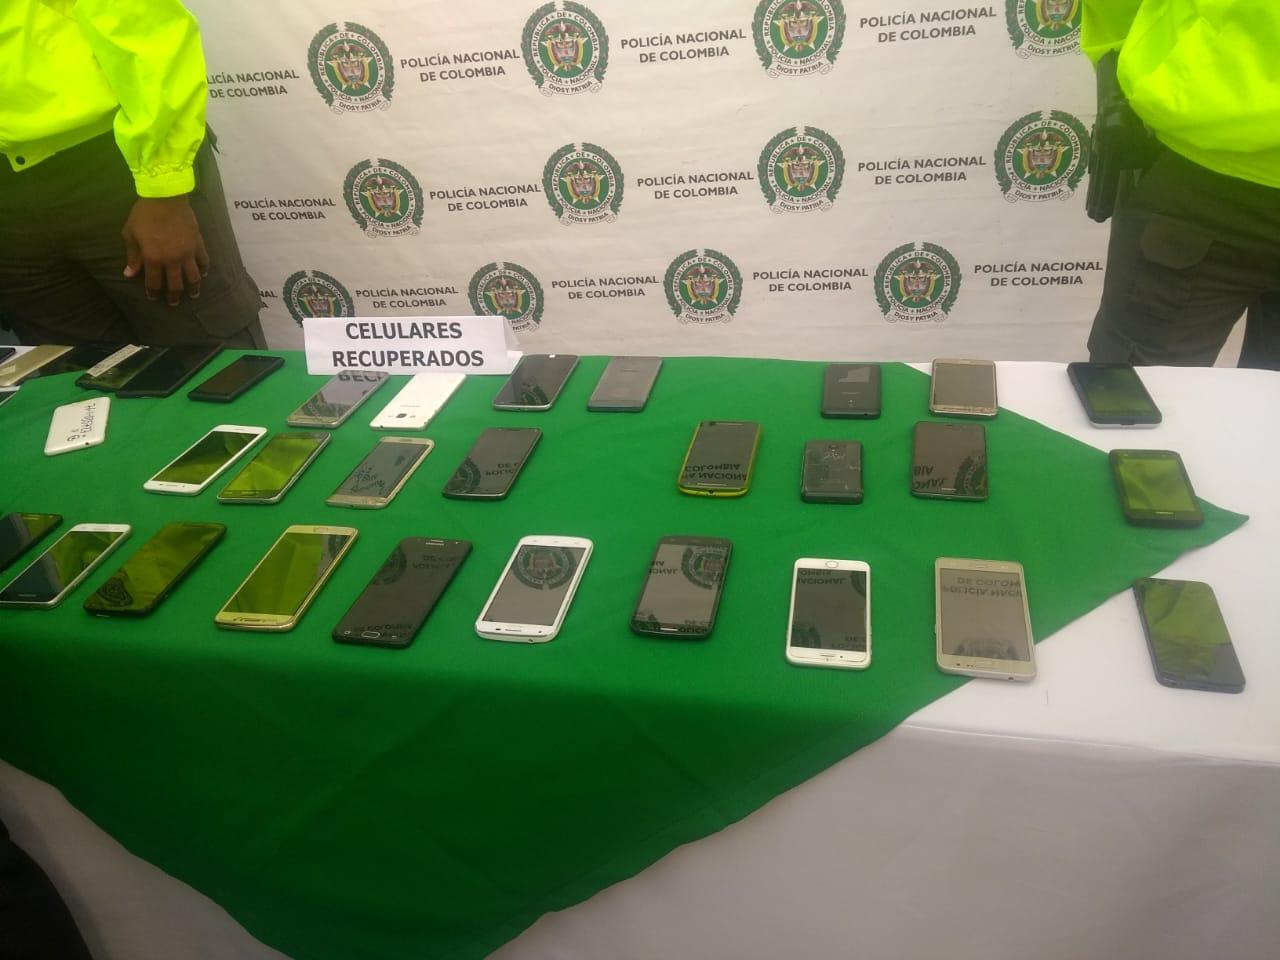 Autoridades entregan más de 50 celulares que habían sido robados a sus dueños en Cali